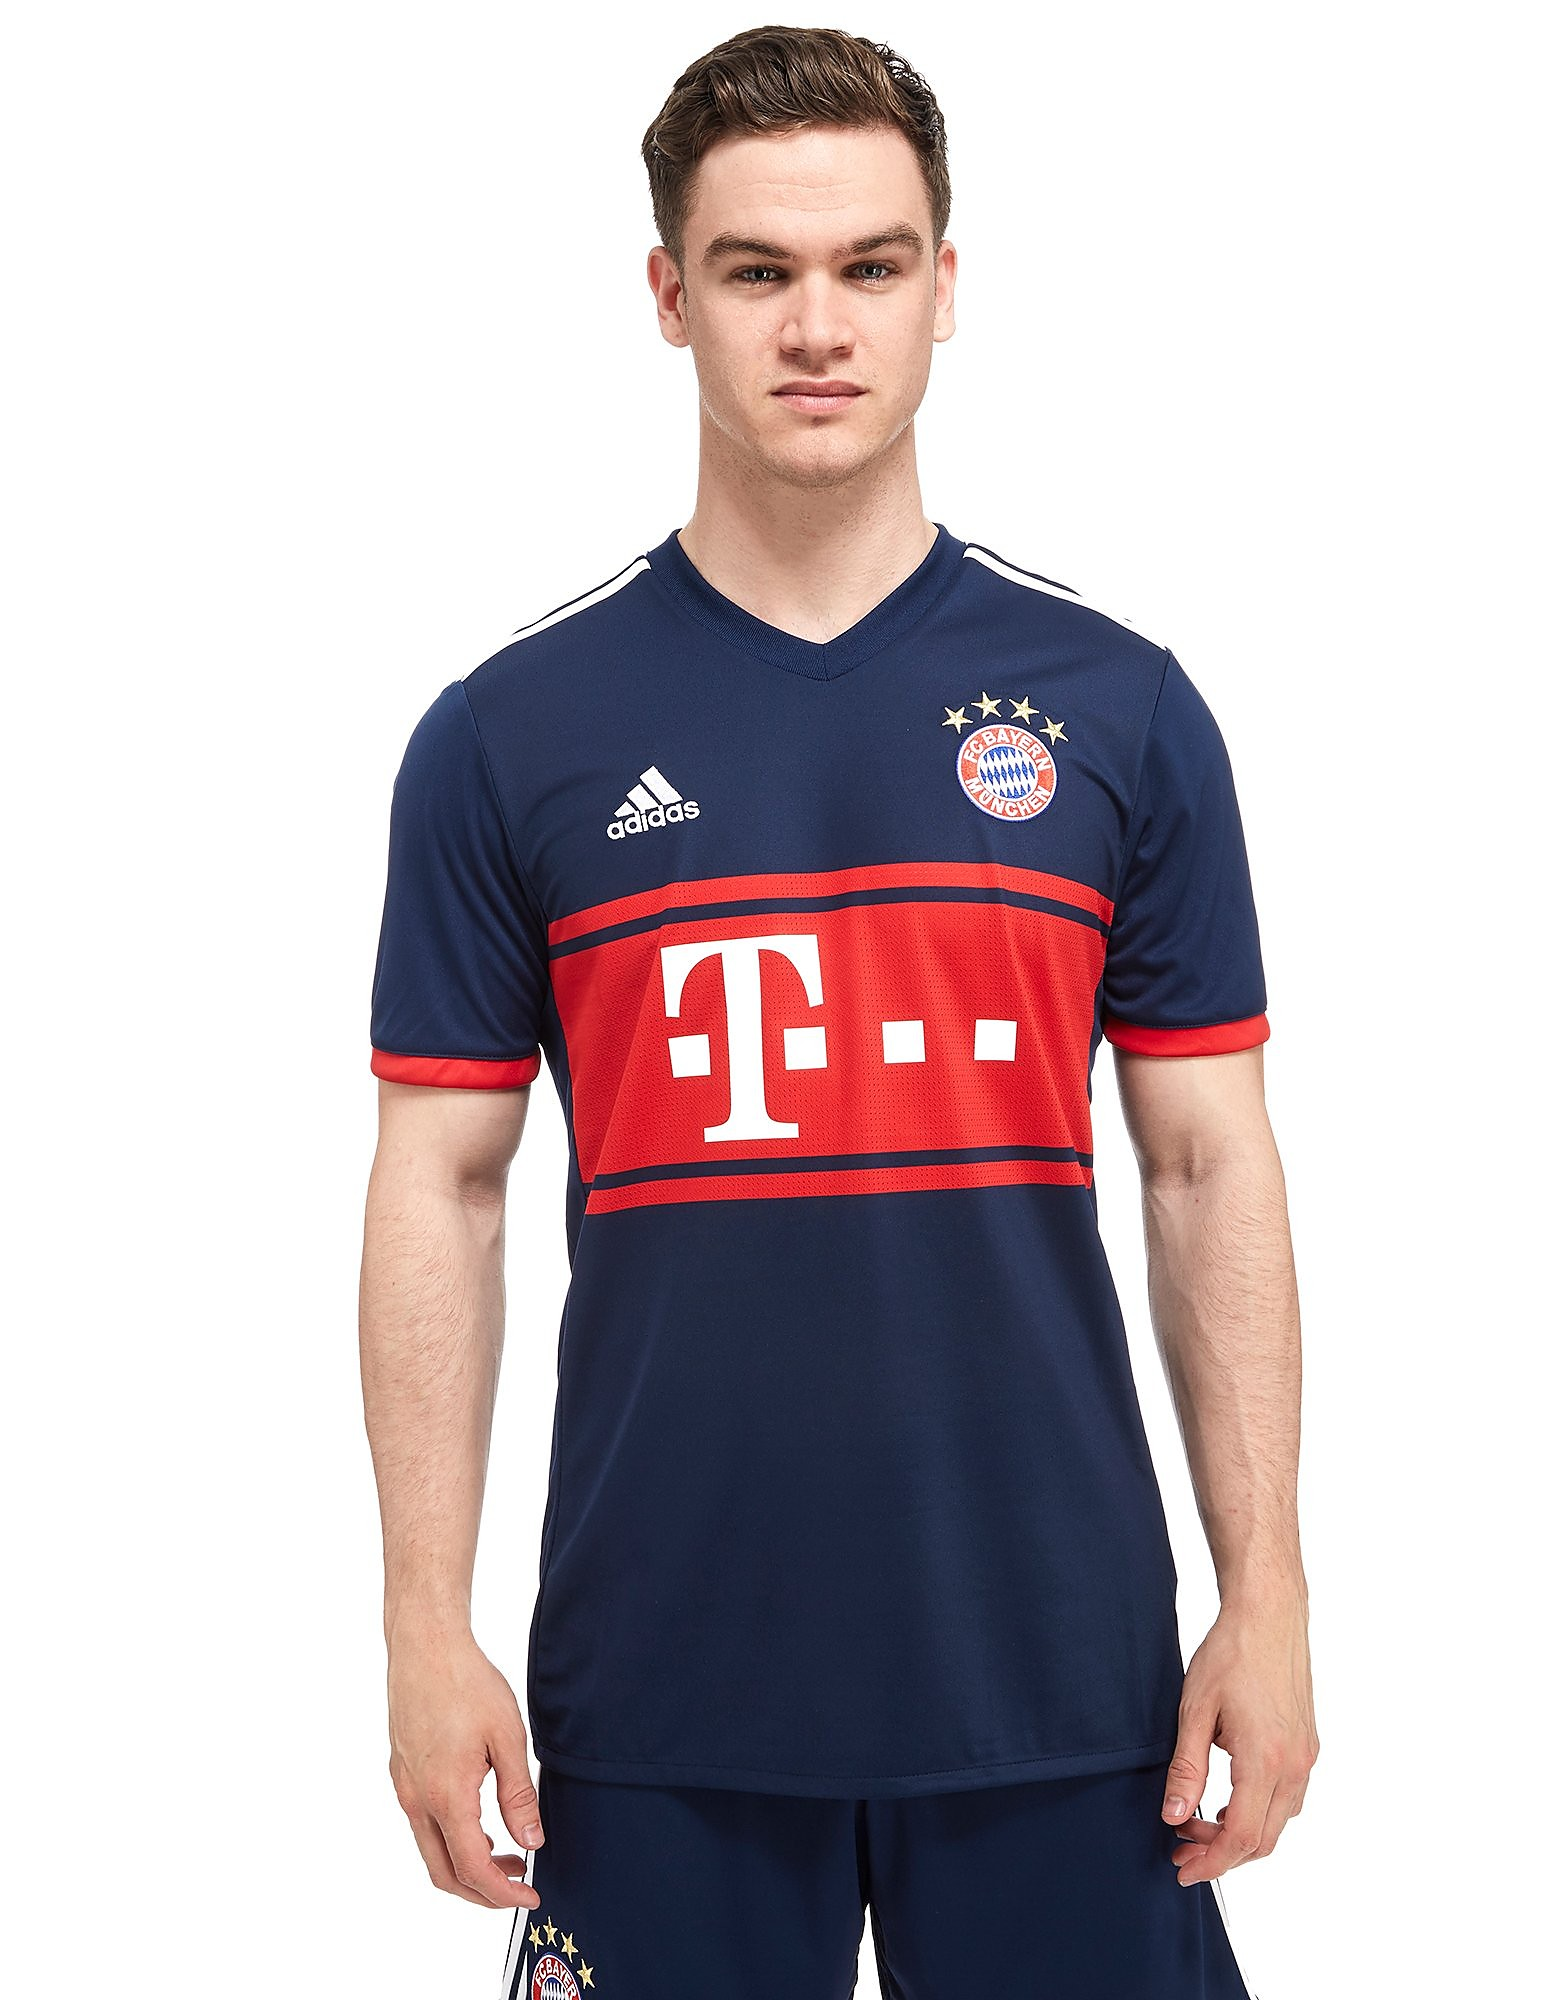 adidas FC Bayern Munich 2017/18 Away Shirt